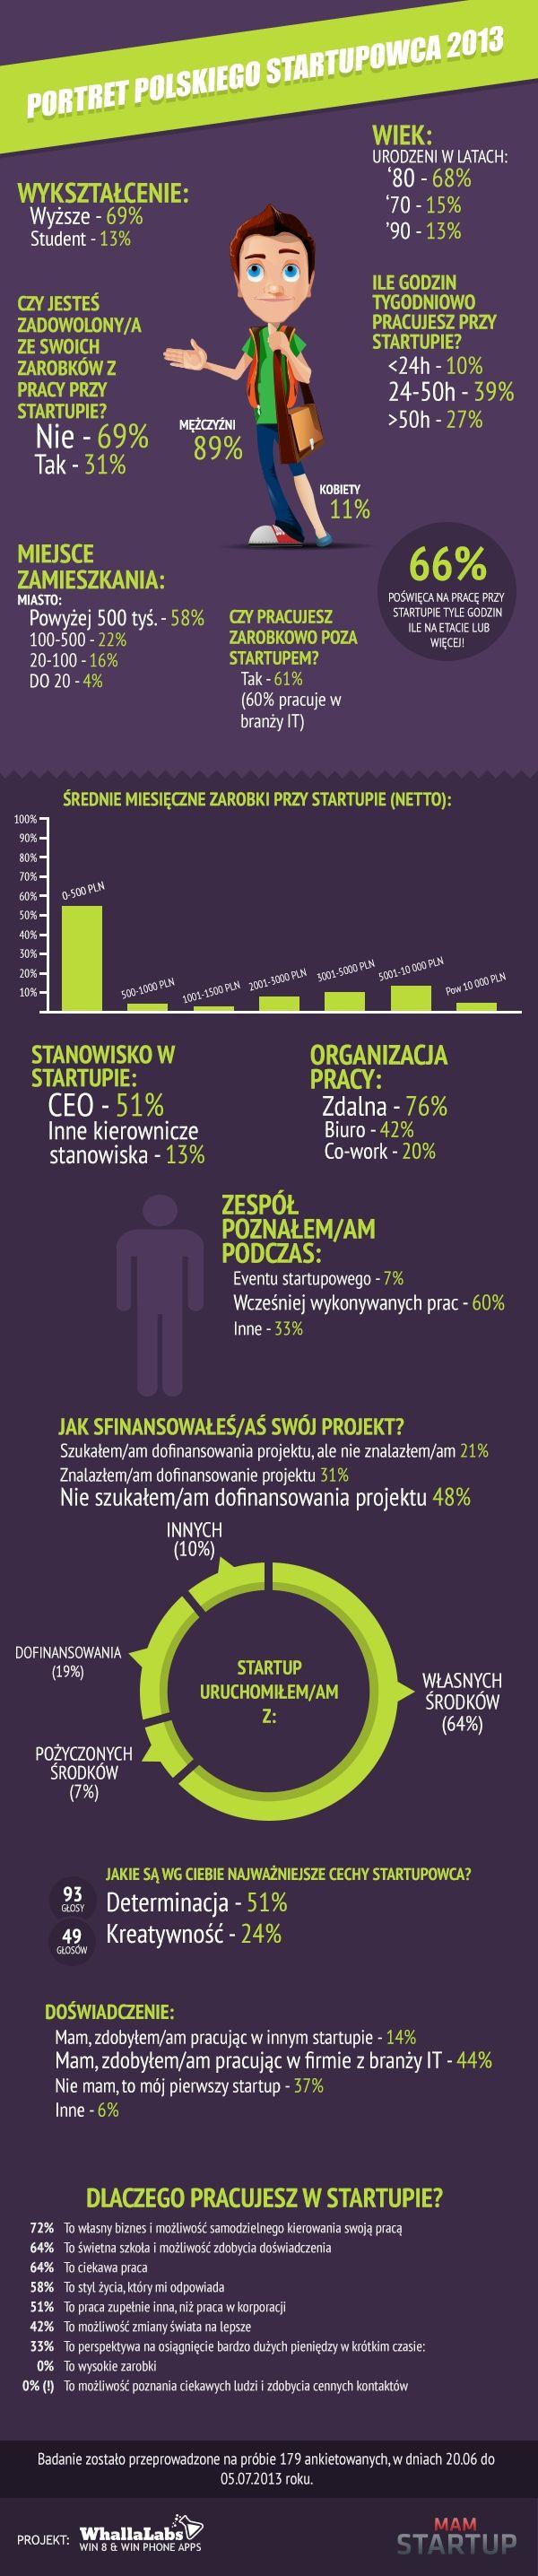 Polski startupowiec 2013